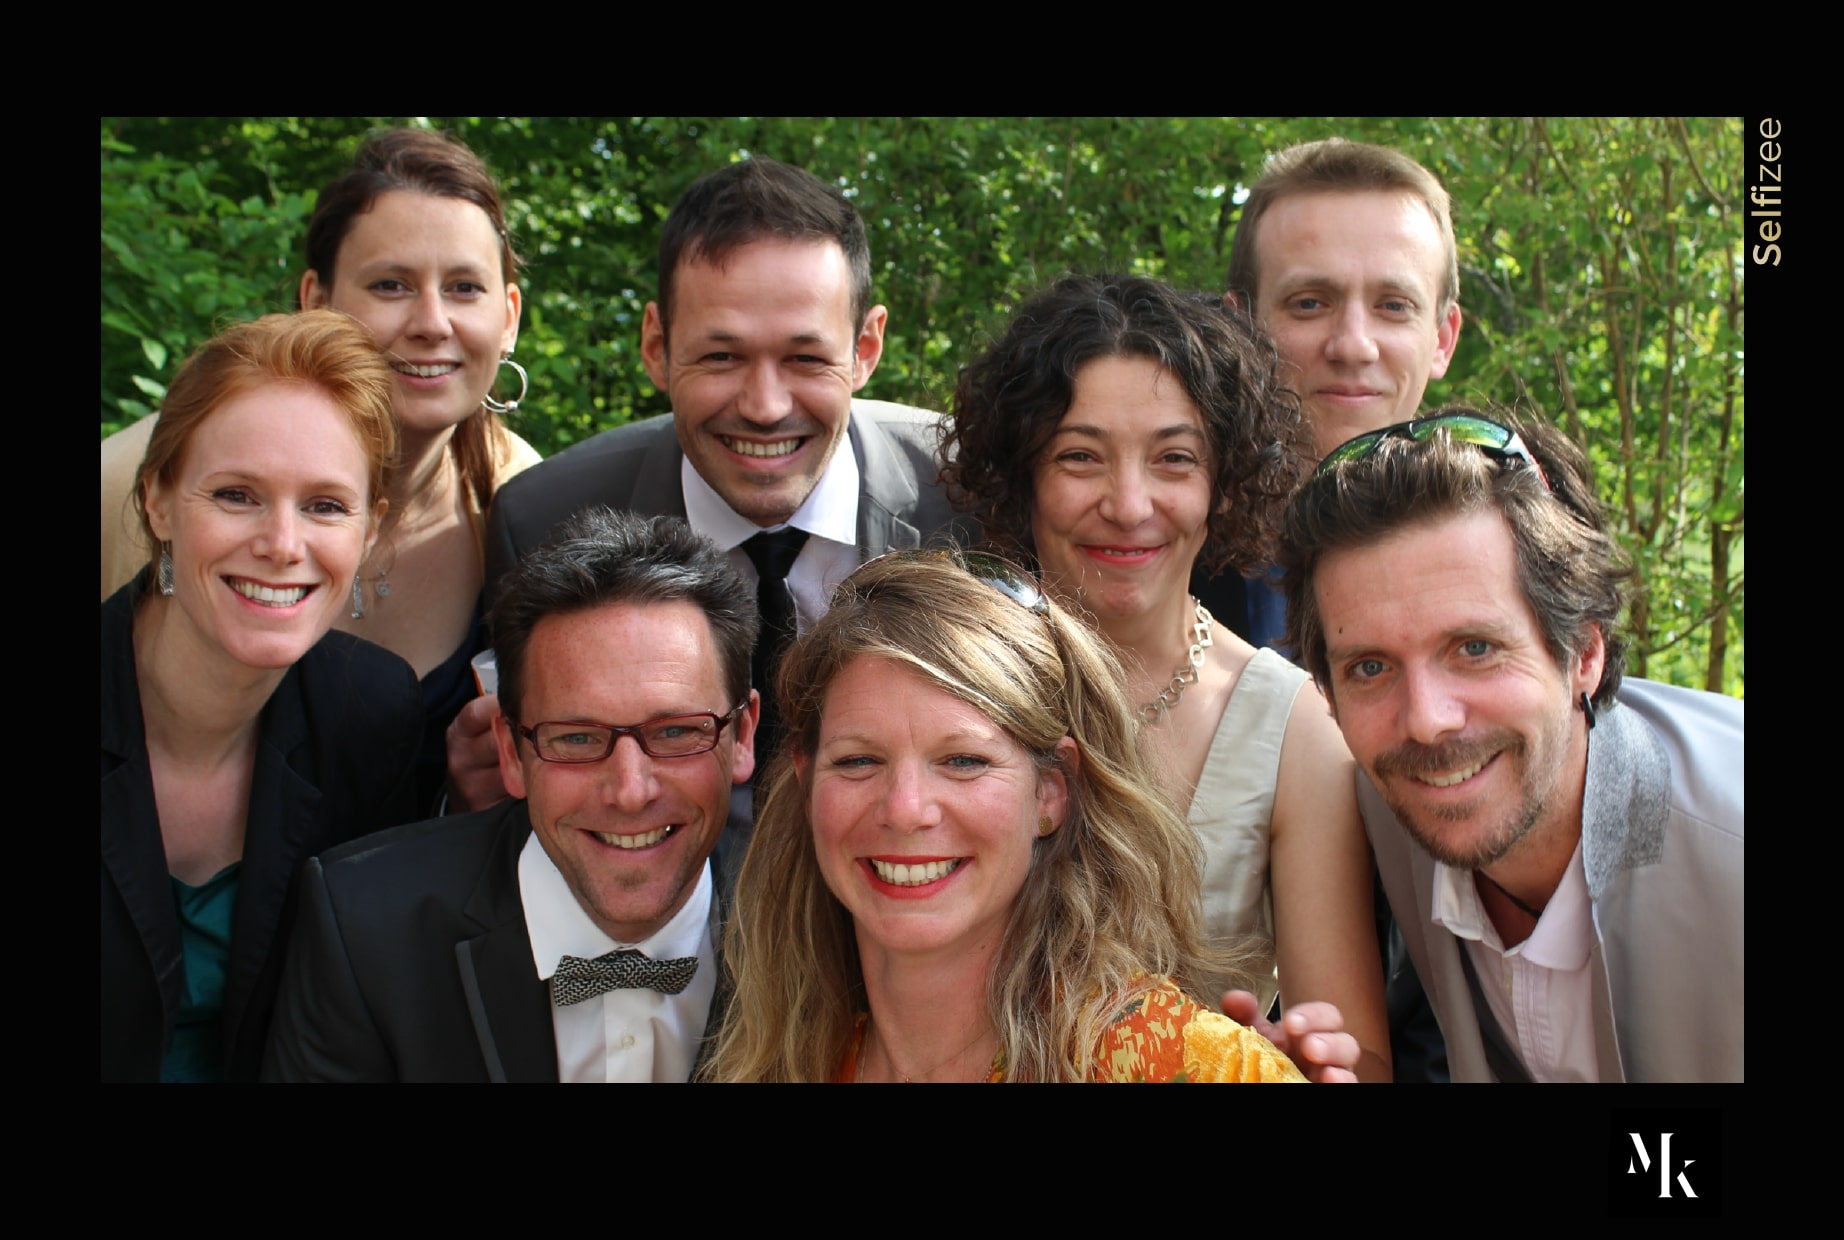 Animation photobooth mariage avec impressions photos - location borne photo à Valence et Drôme pour mariage ou fête